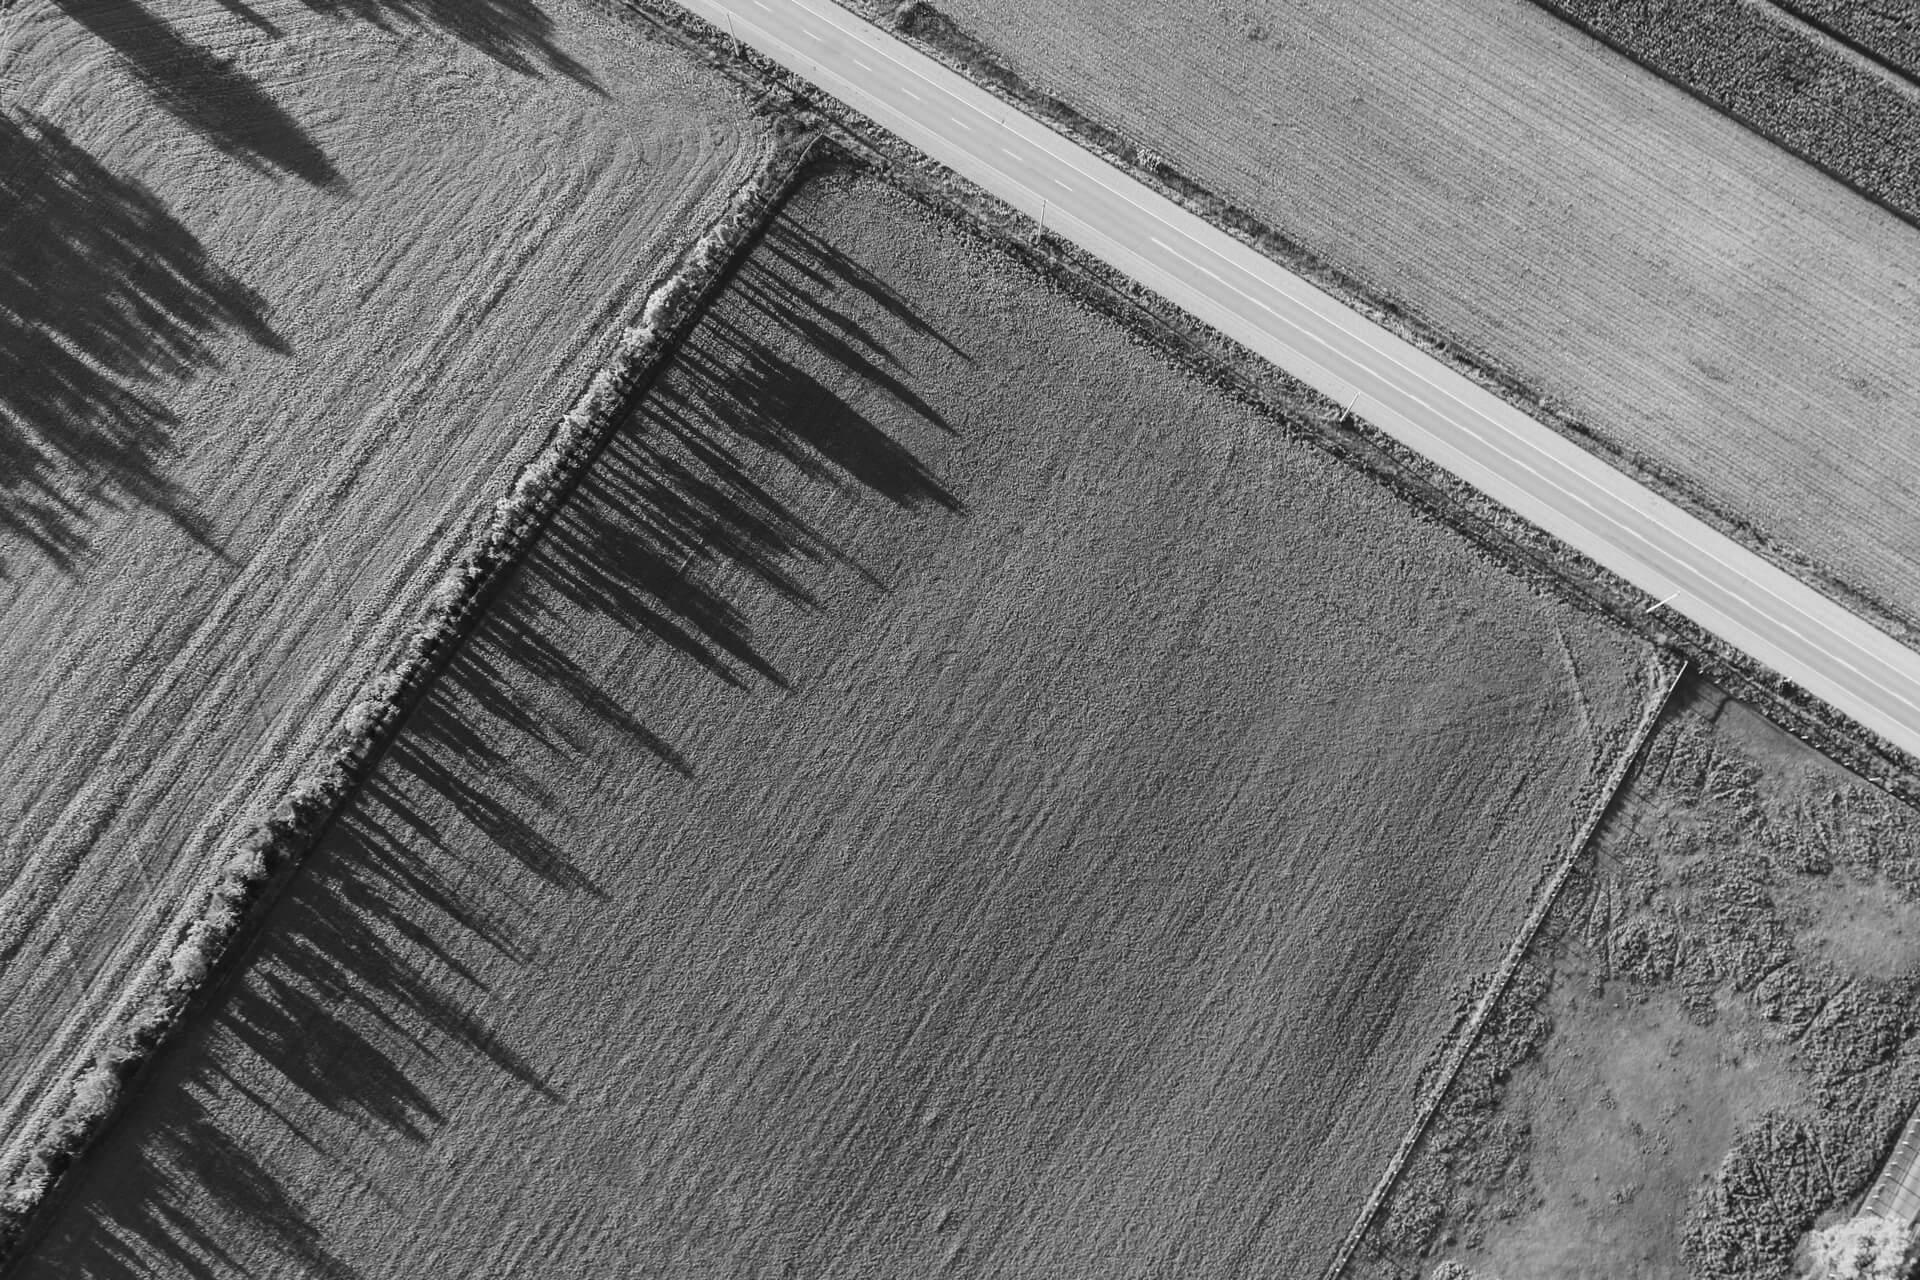 bezetting ter bede landbouwgrond